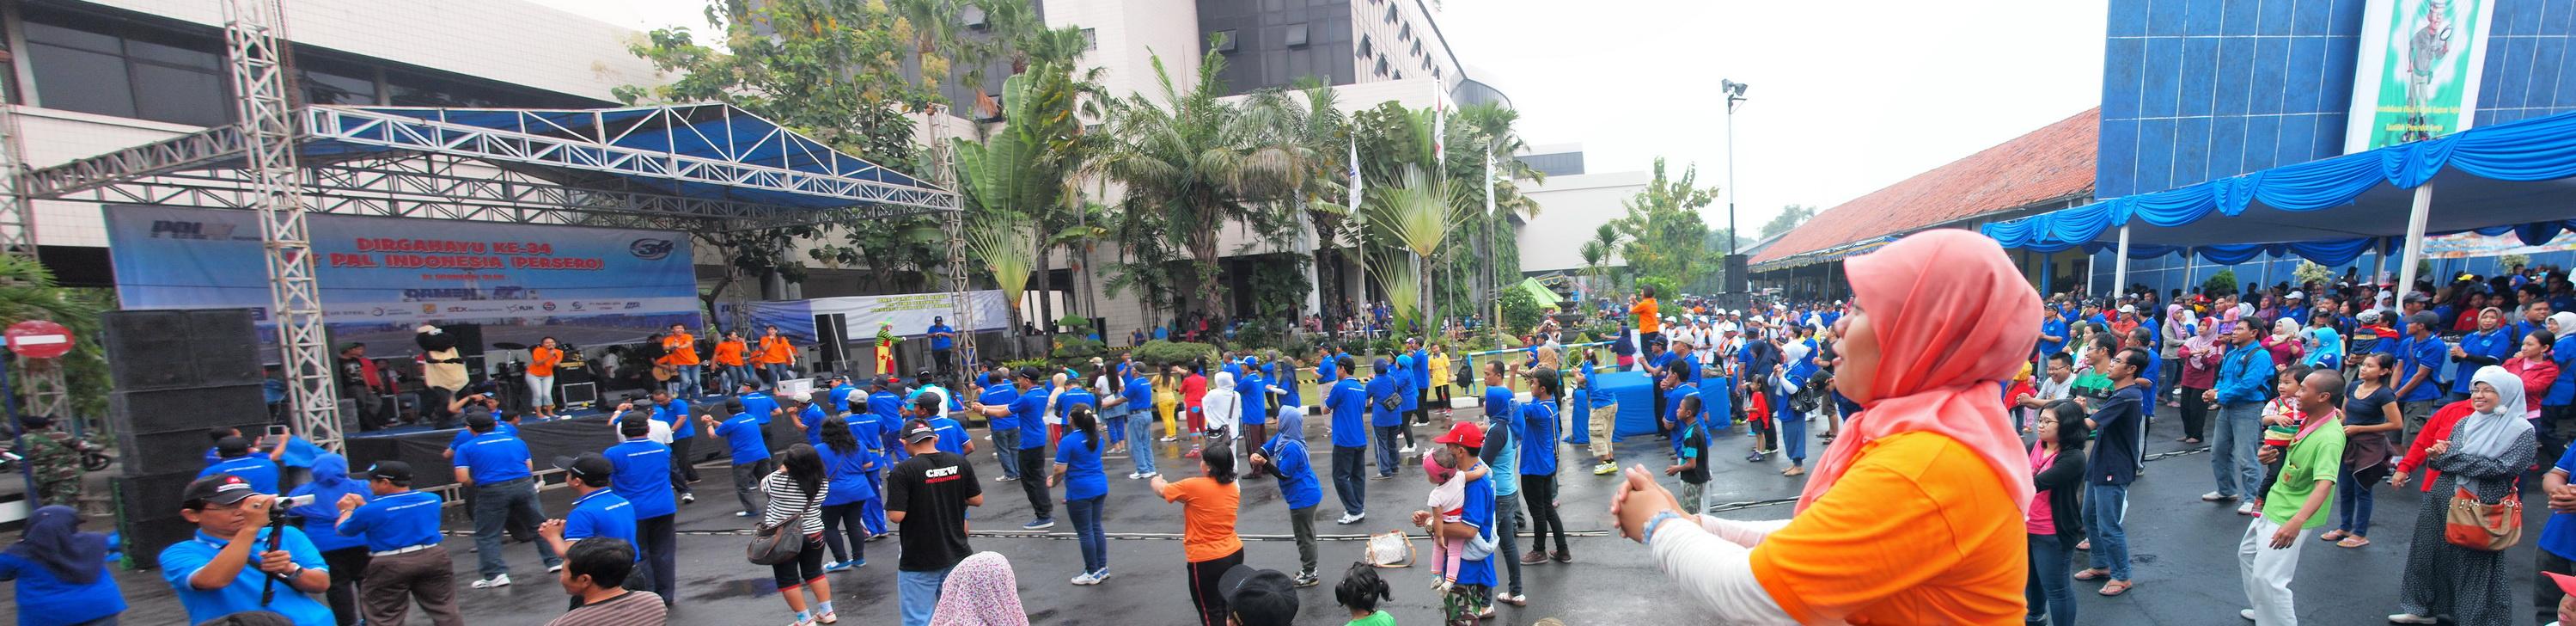 Project - Olahraga Tawa PT. PAL Indonesia (Persero) - Ramainya suasana dengan 1000 peserta